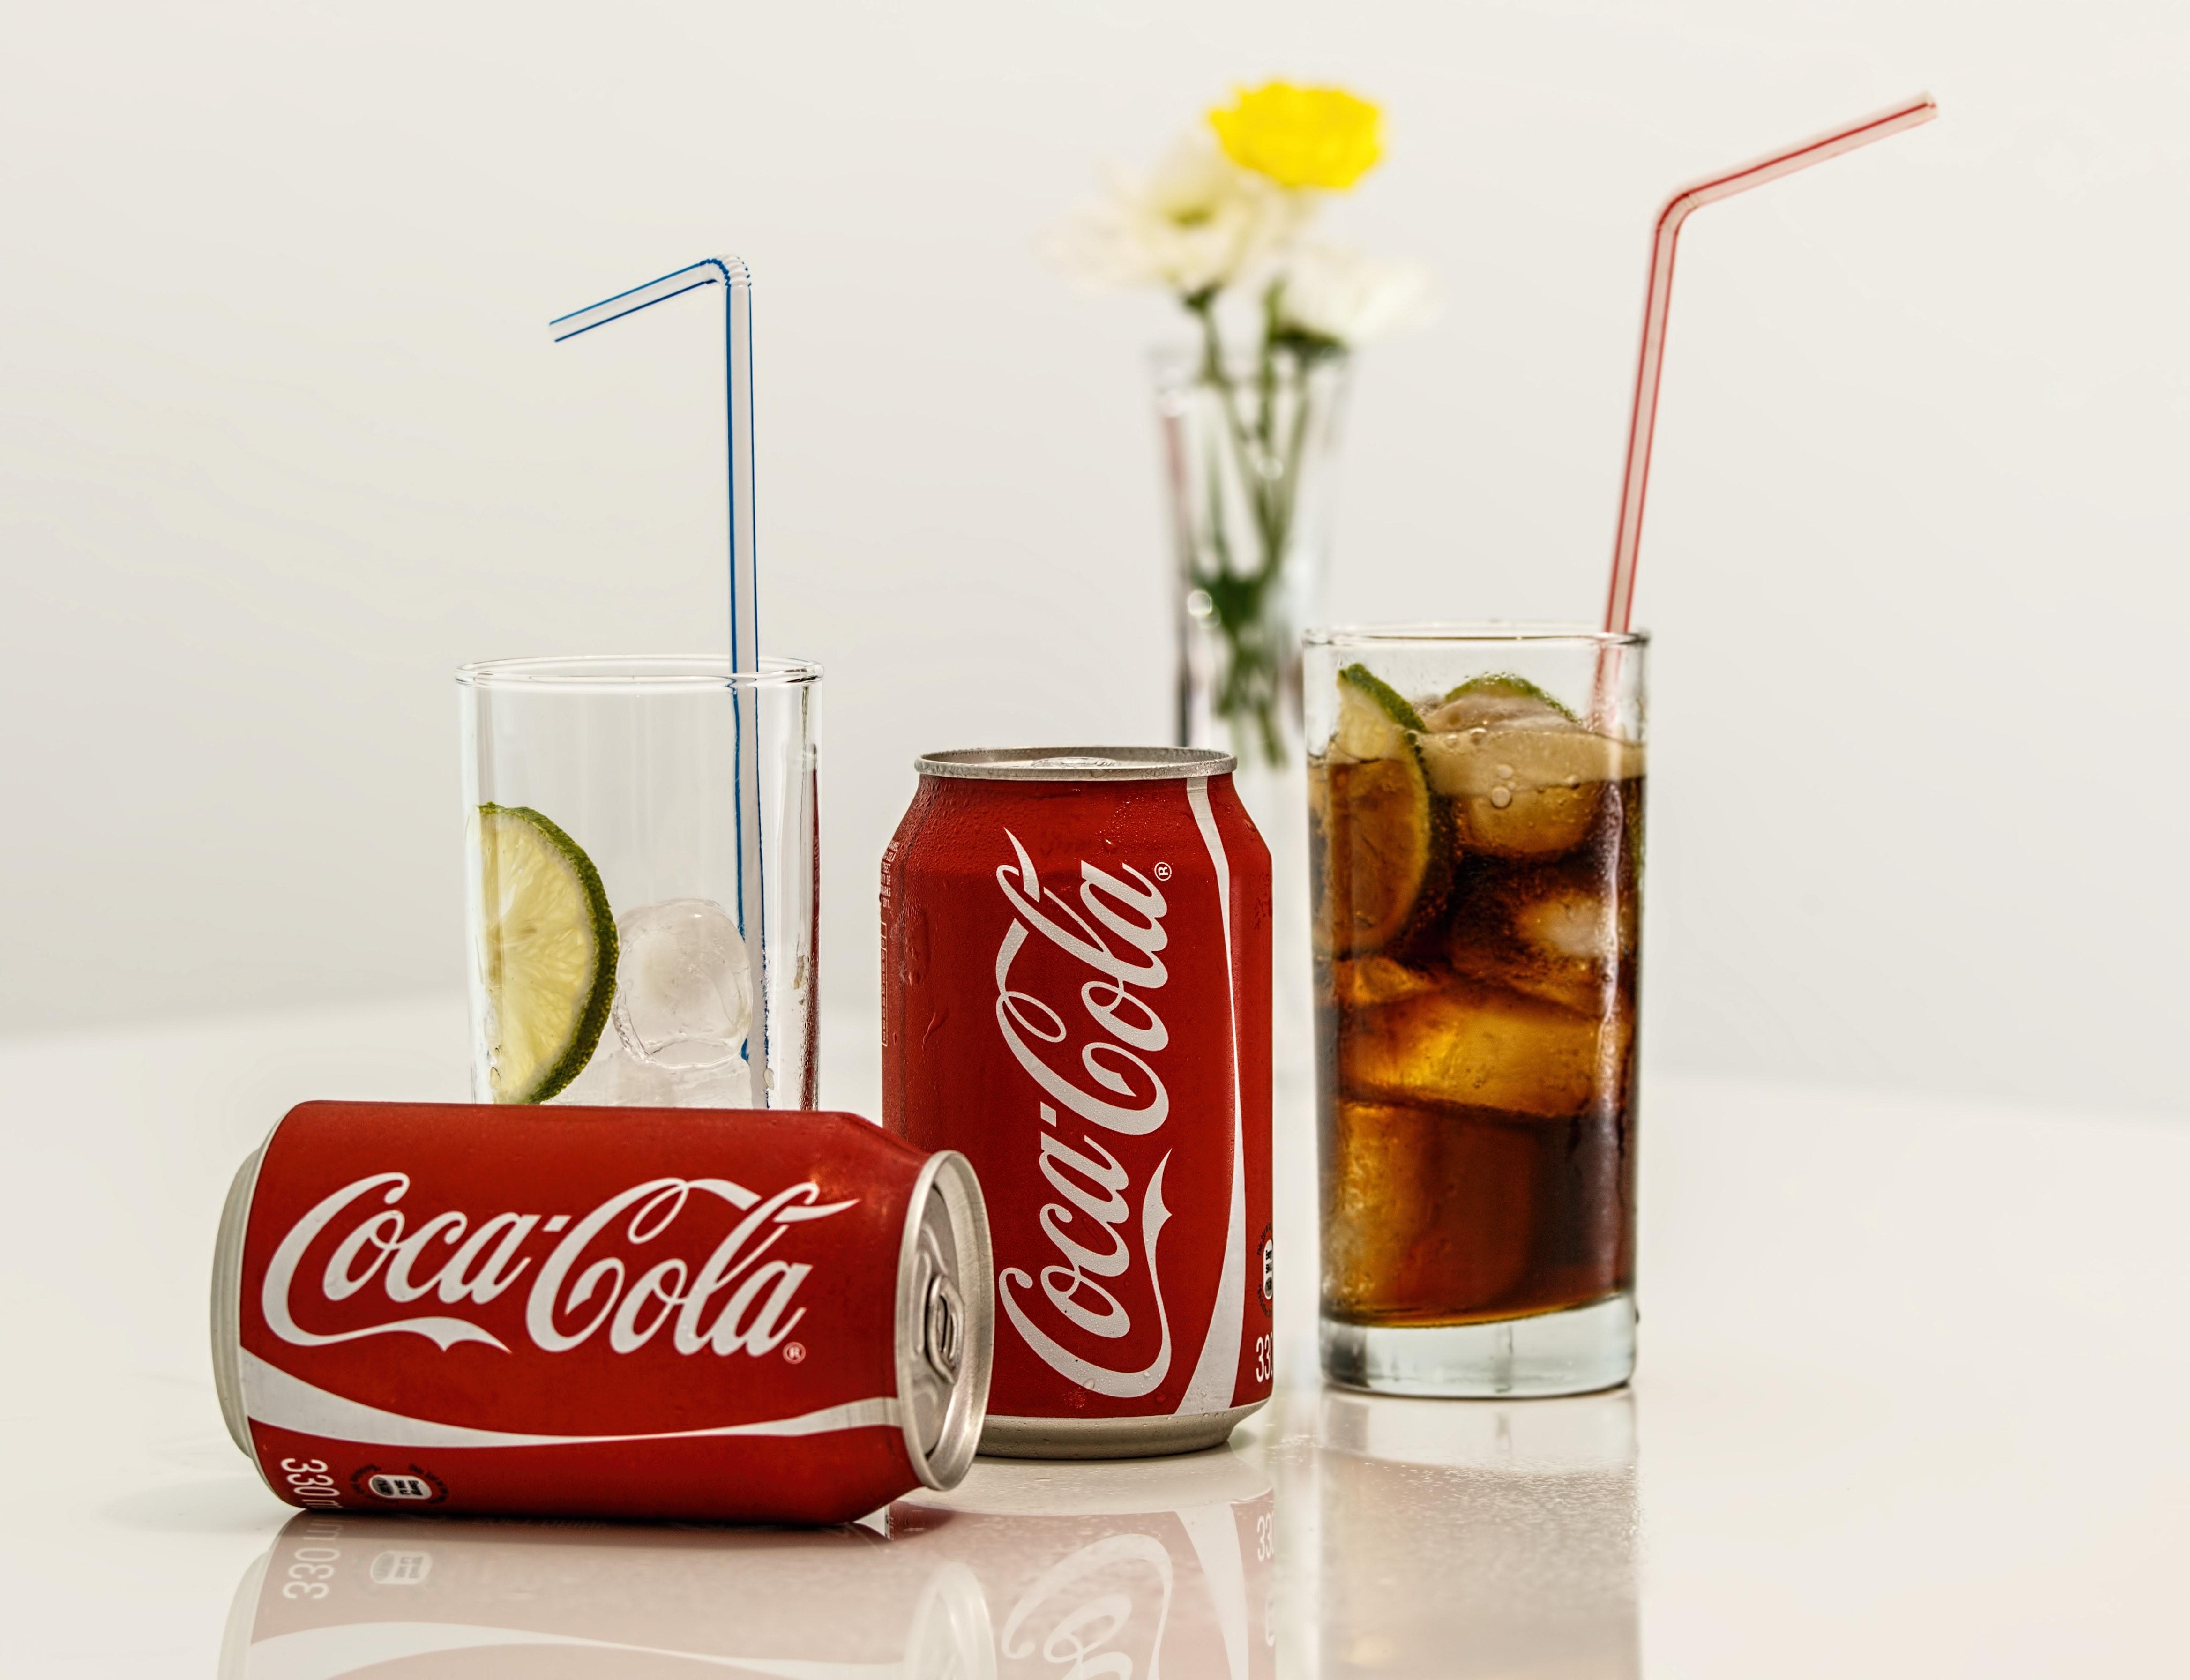 Les recettes de Coca-Cola en tête des estimations, malgré une baisse de 9 % du chiffre d'affaires